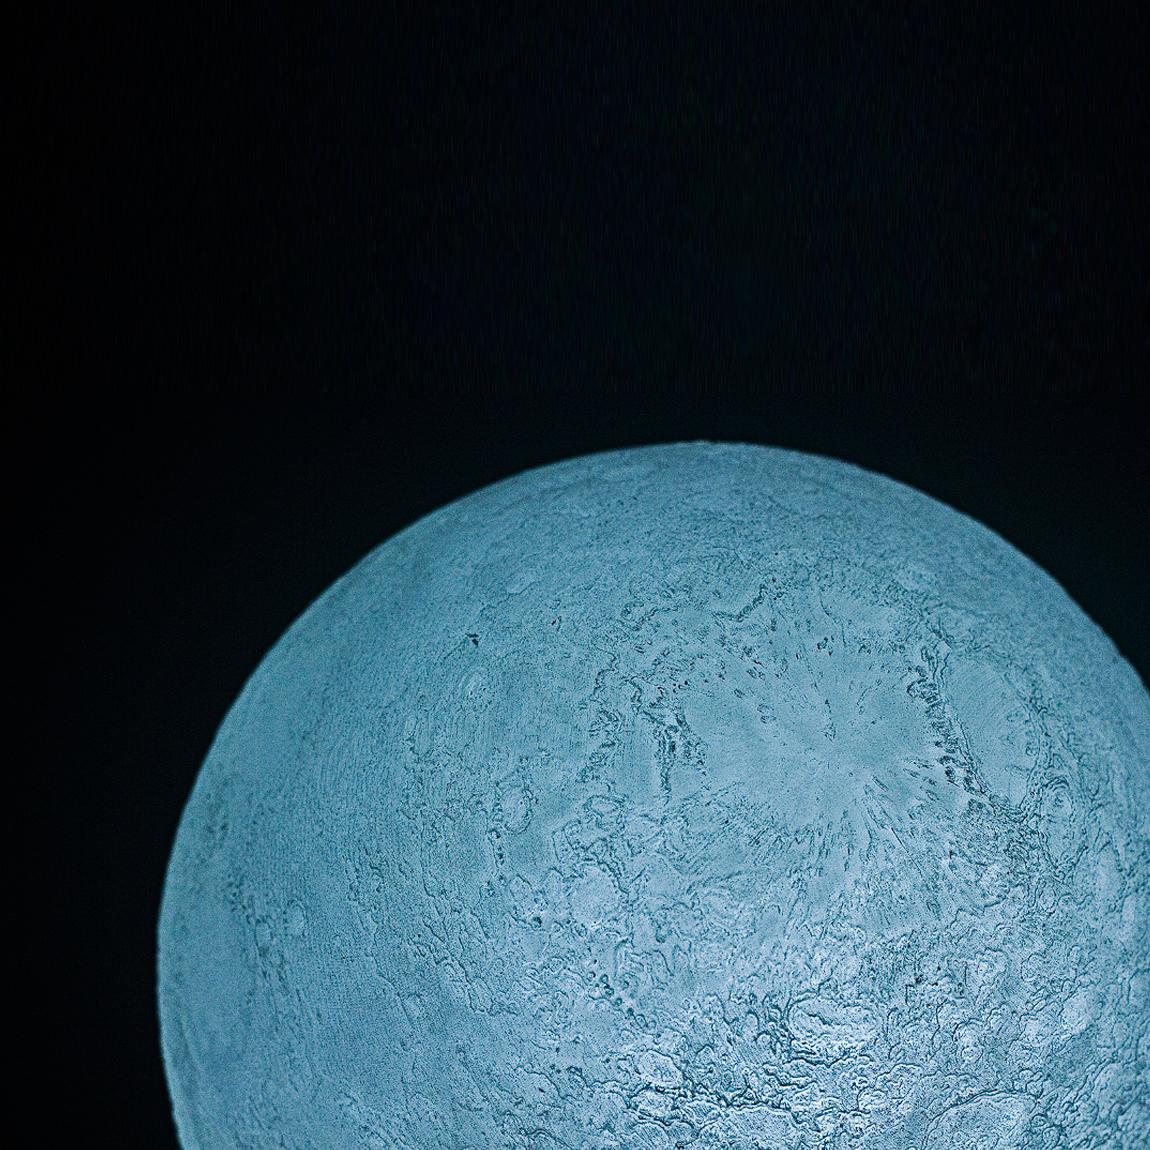 本物の月のようにさえみえる、リアルな月の照明3